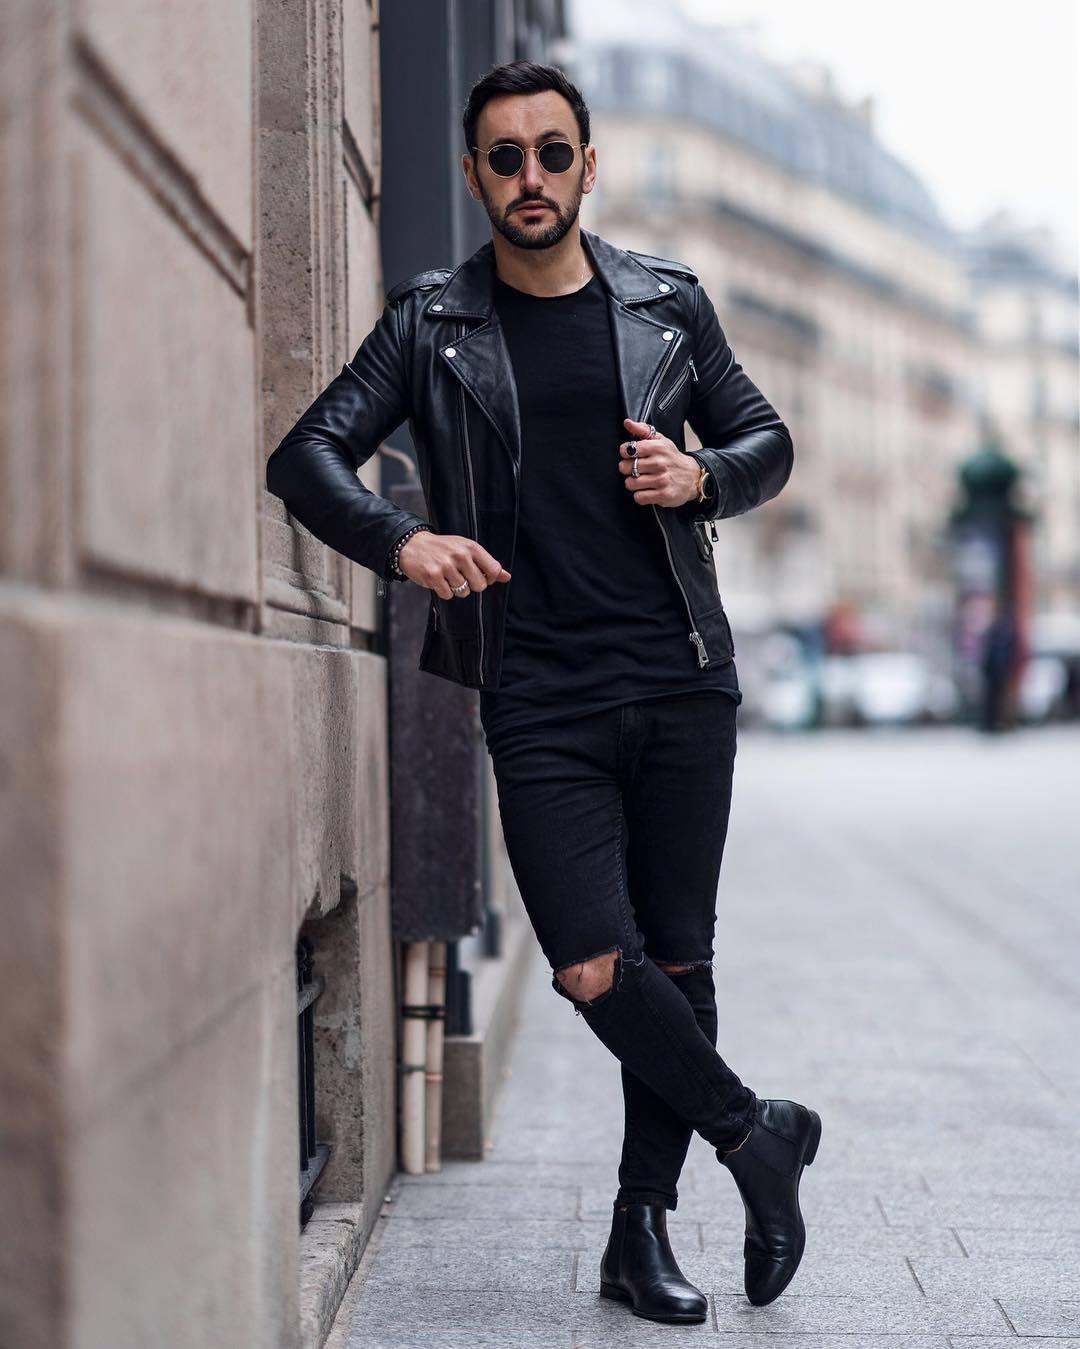 chàng trai mặc trang phục đen.